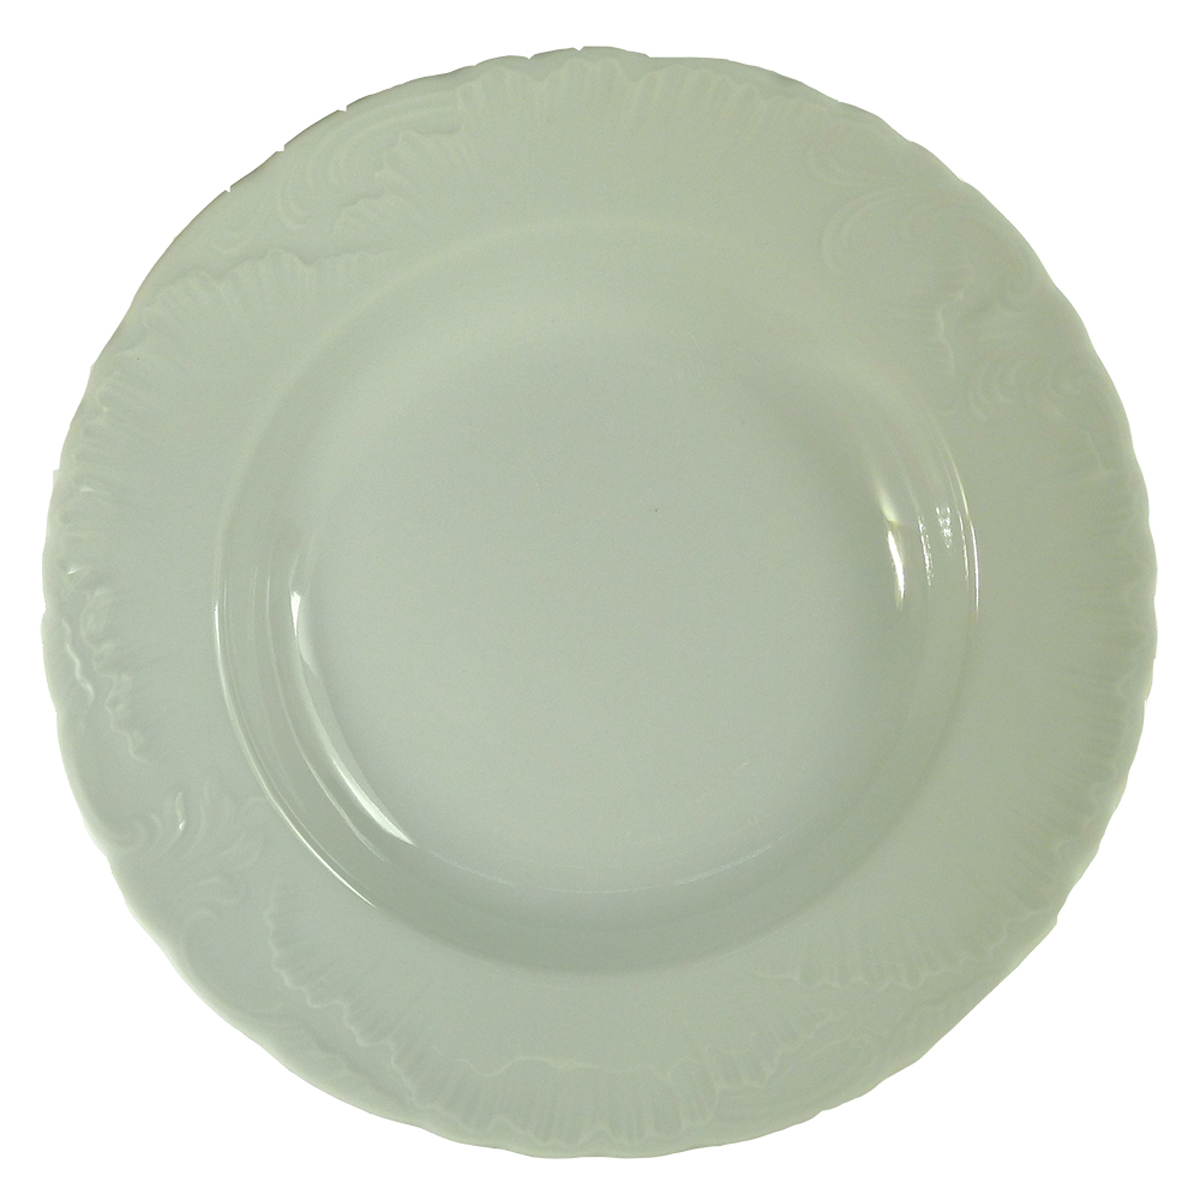 Тарелка глубокая Cmielow Rococo, диаметр 22,5 см0031490 RococoТарелка суповая Cmielow серии Rococo - одна из старейших форм, производимых десятилетиями заводом Cmielow. Это пример исторической актуальности заложенной в элегантную форму. Суповые тарелки 22,5 см. изготовлены из высококачественного польского фарфора.